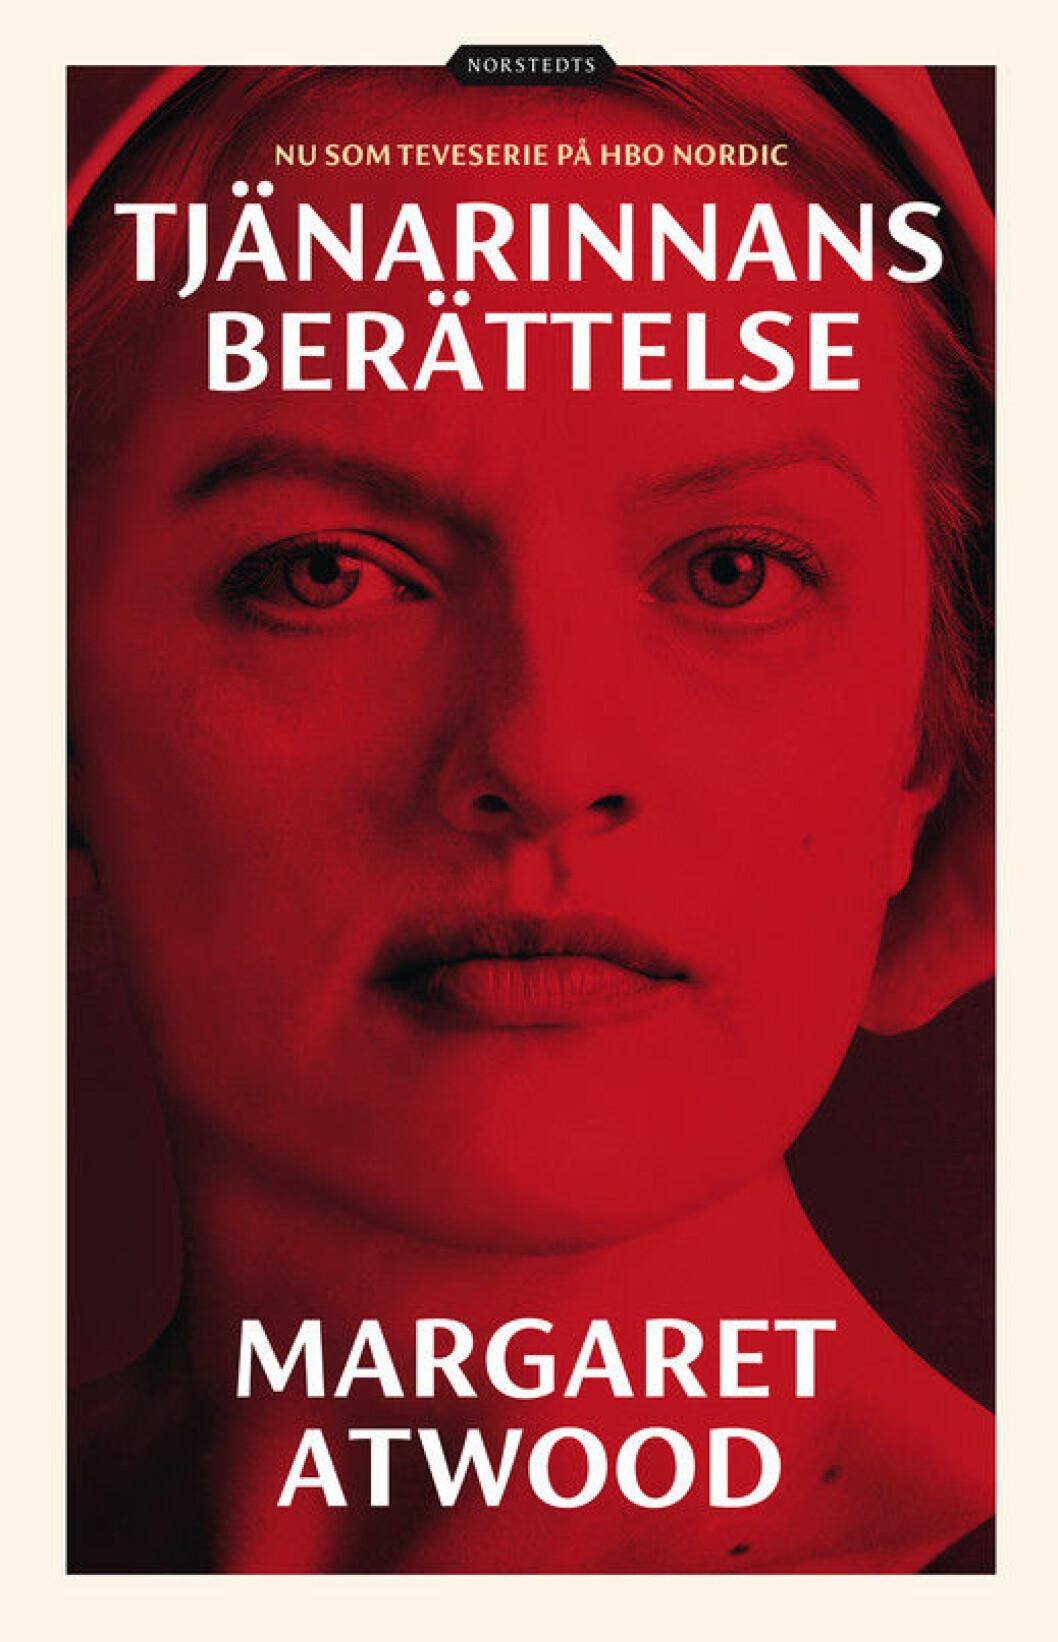 Tjänarinnans berättelse, en dystopisk bok av Margaret Atwood.